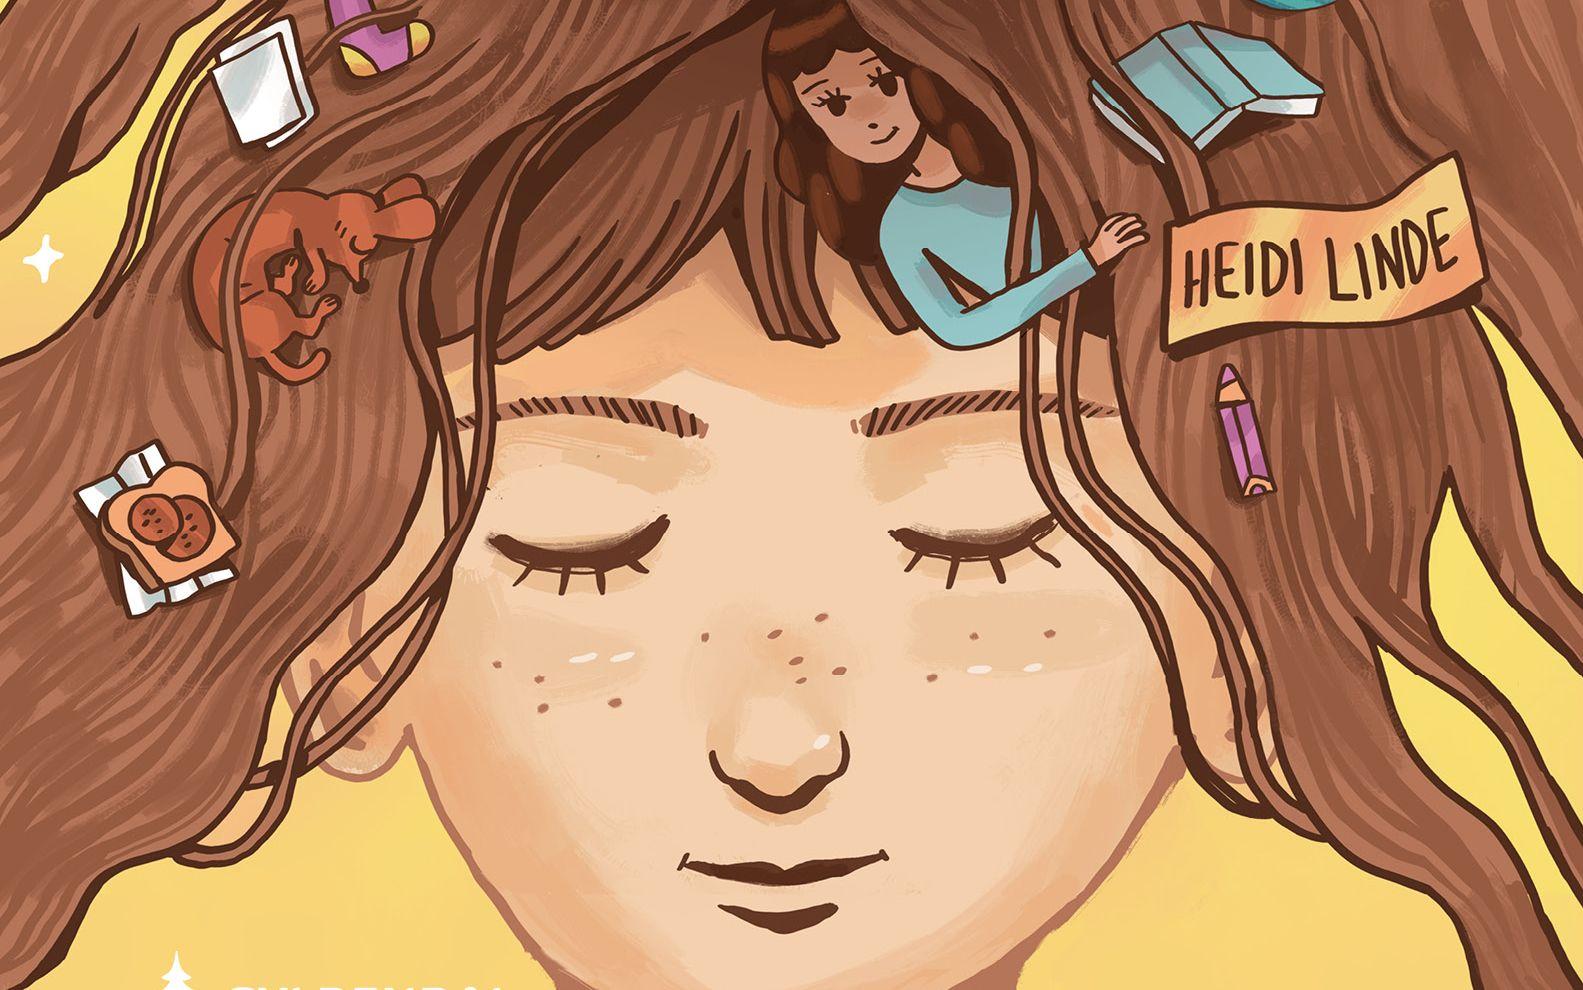 TETT PÅ: VGs anmelder mener Heidi Lindes barneroman «Olivias liv. Annenhver uke» bør få mange lesere.